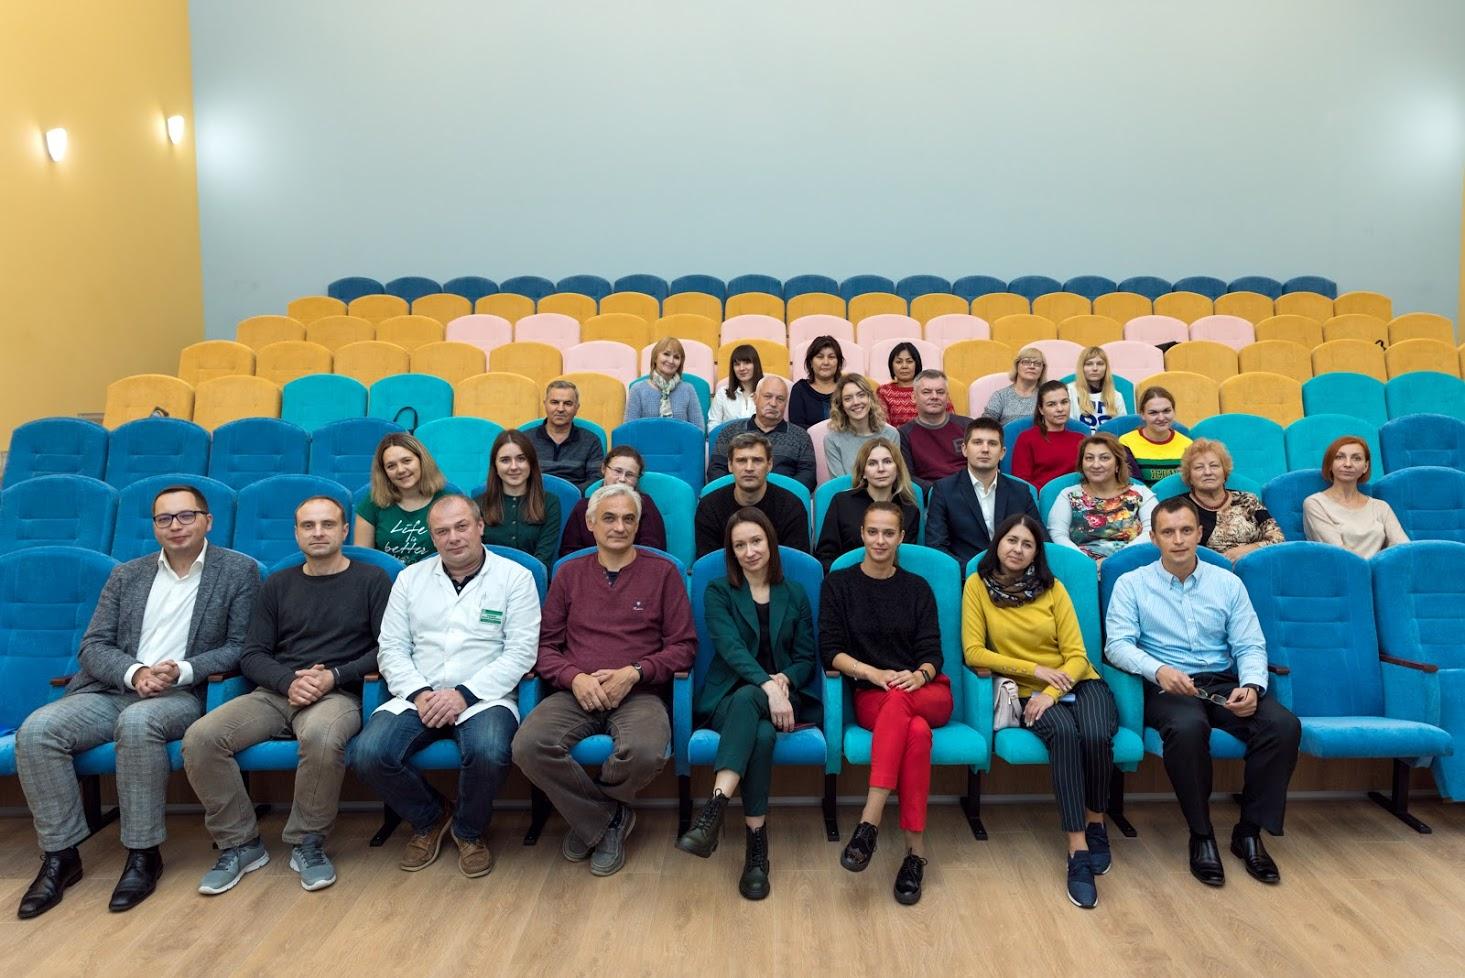 Фотоальбом. Конференция пациентов НАО. Минск 2019.